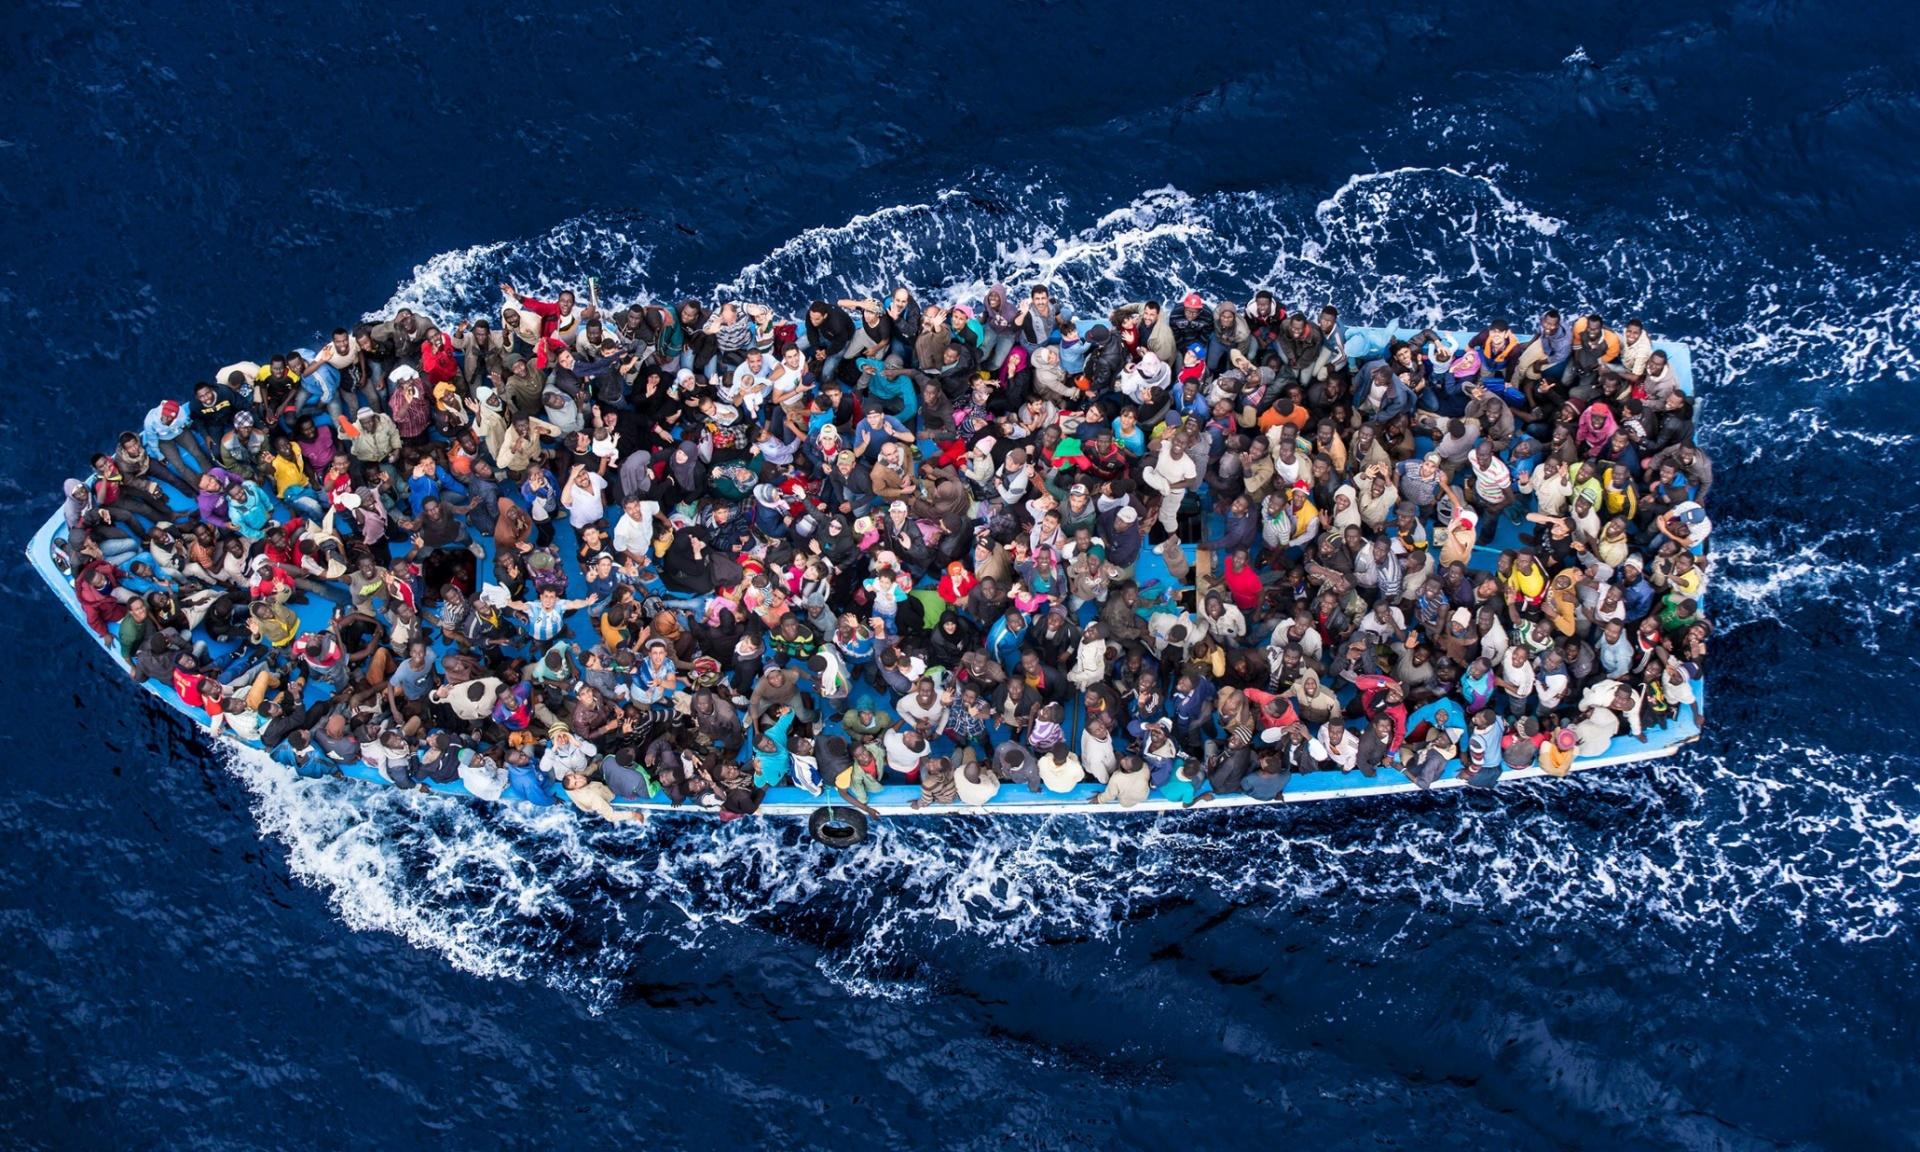 Lybie-Italie : Quand les Sénégalais se muent en passeurs